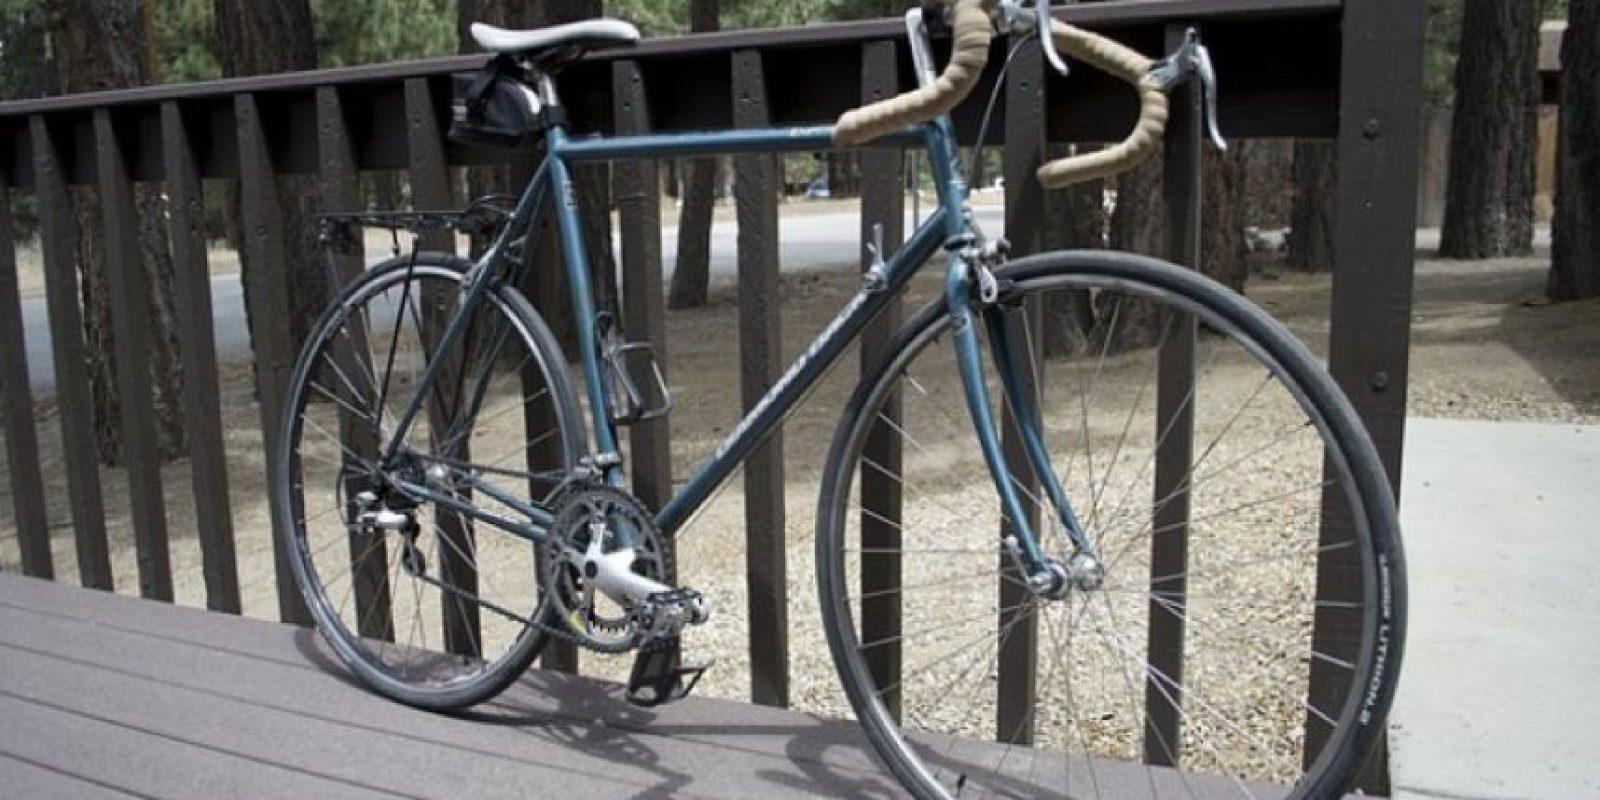 8. No utilicen la bicicleta bajo efectos del alcohol u otra sustancia que alteren los sentidos. Foto:Pixabay